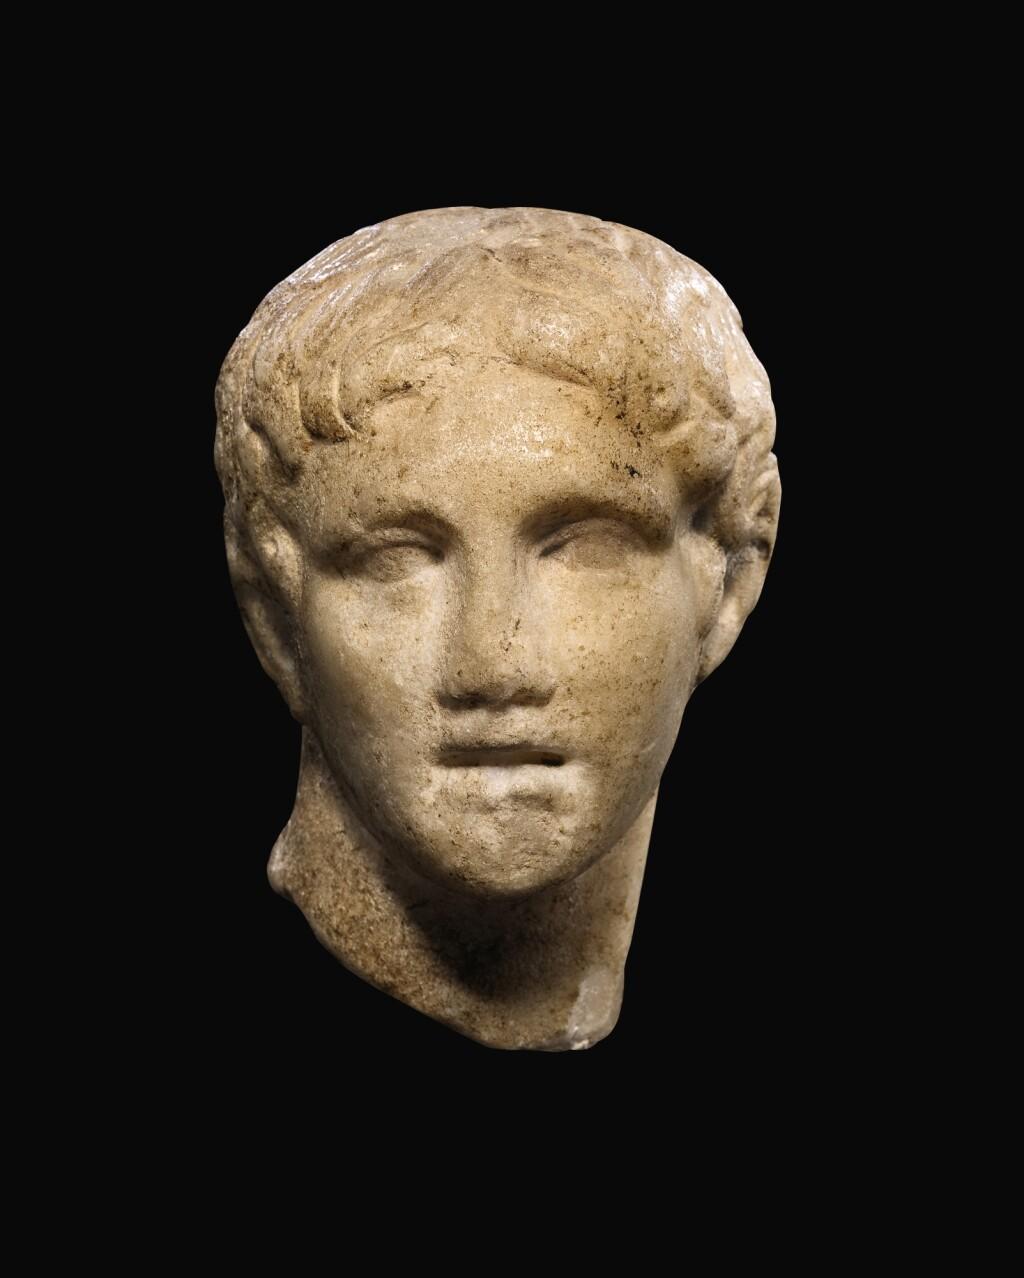 A ROMAN MARBLE HEAD OF A MAN, CIRCA 1ST CENTURY A.D.